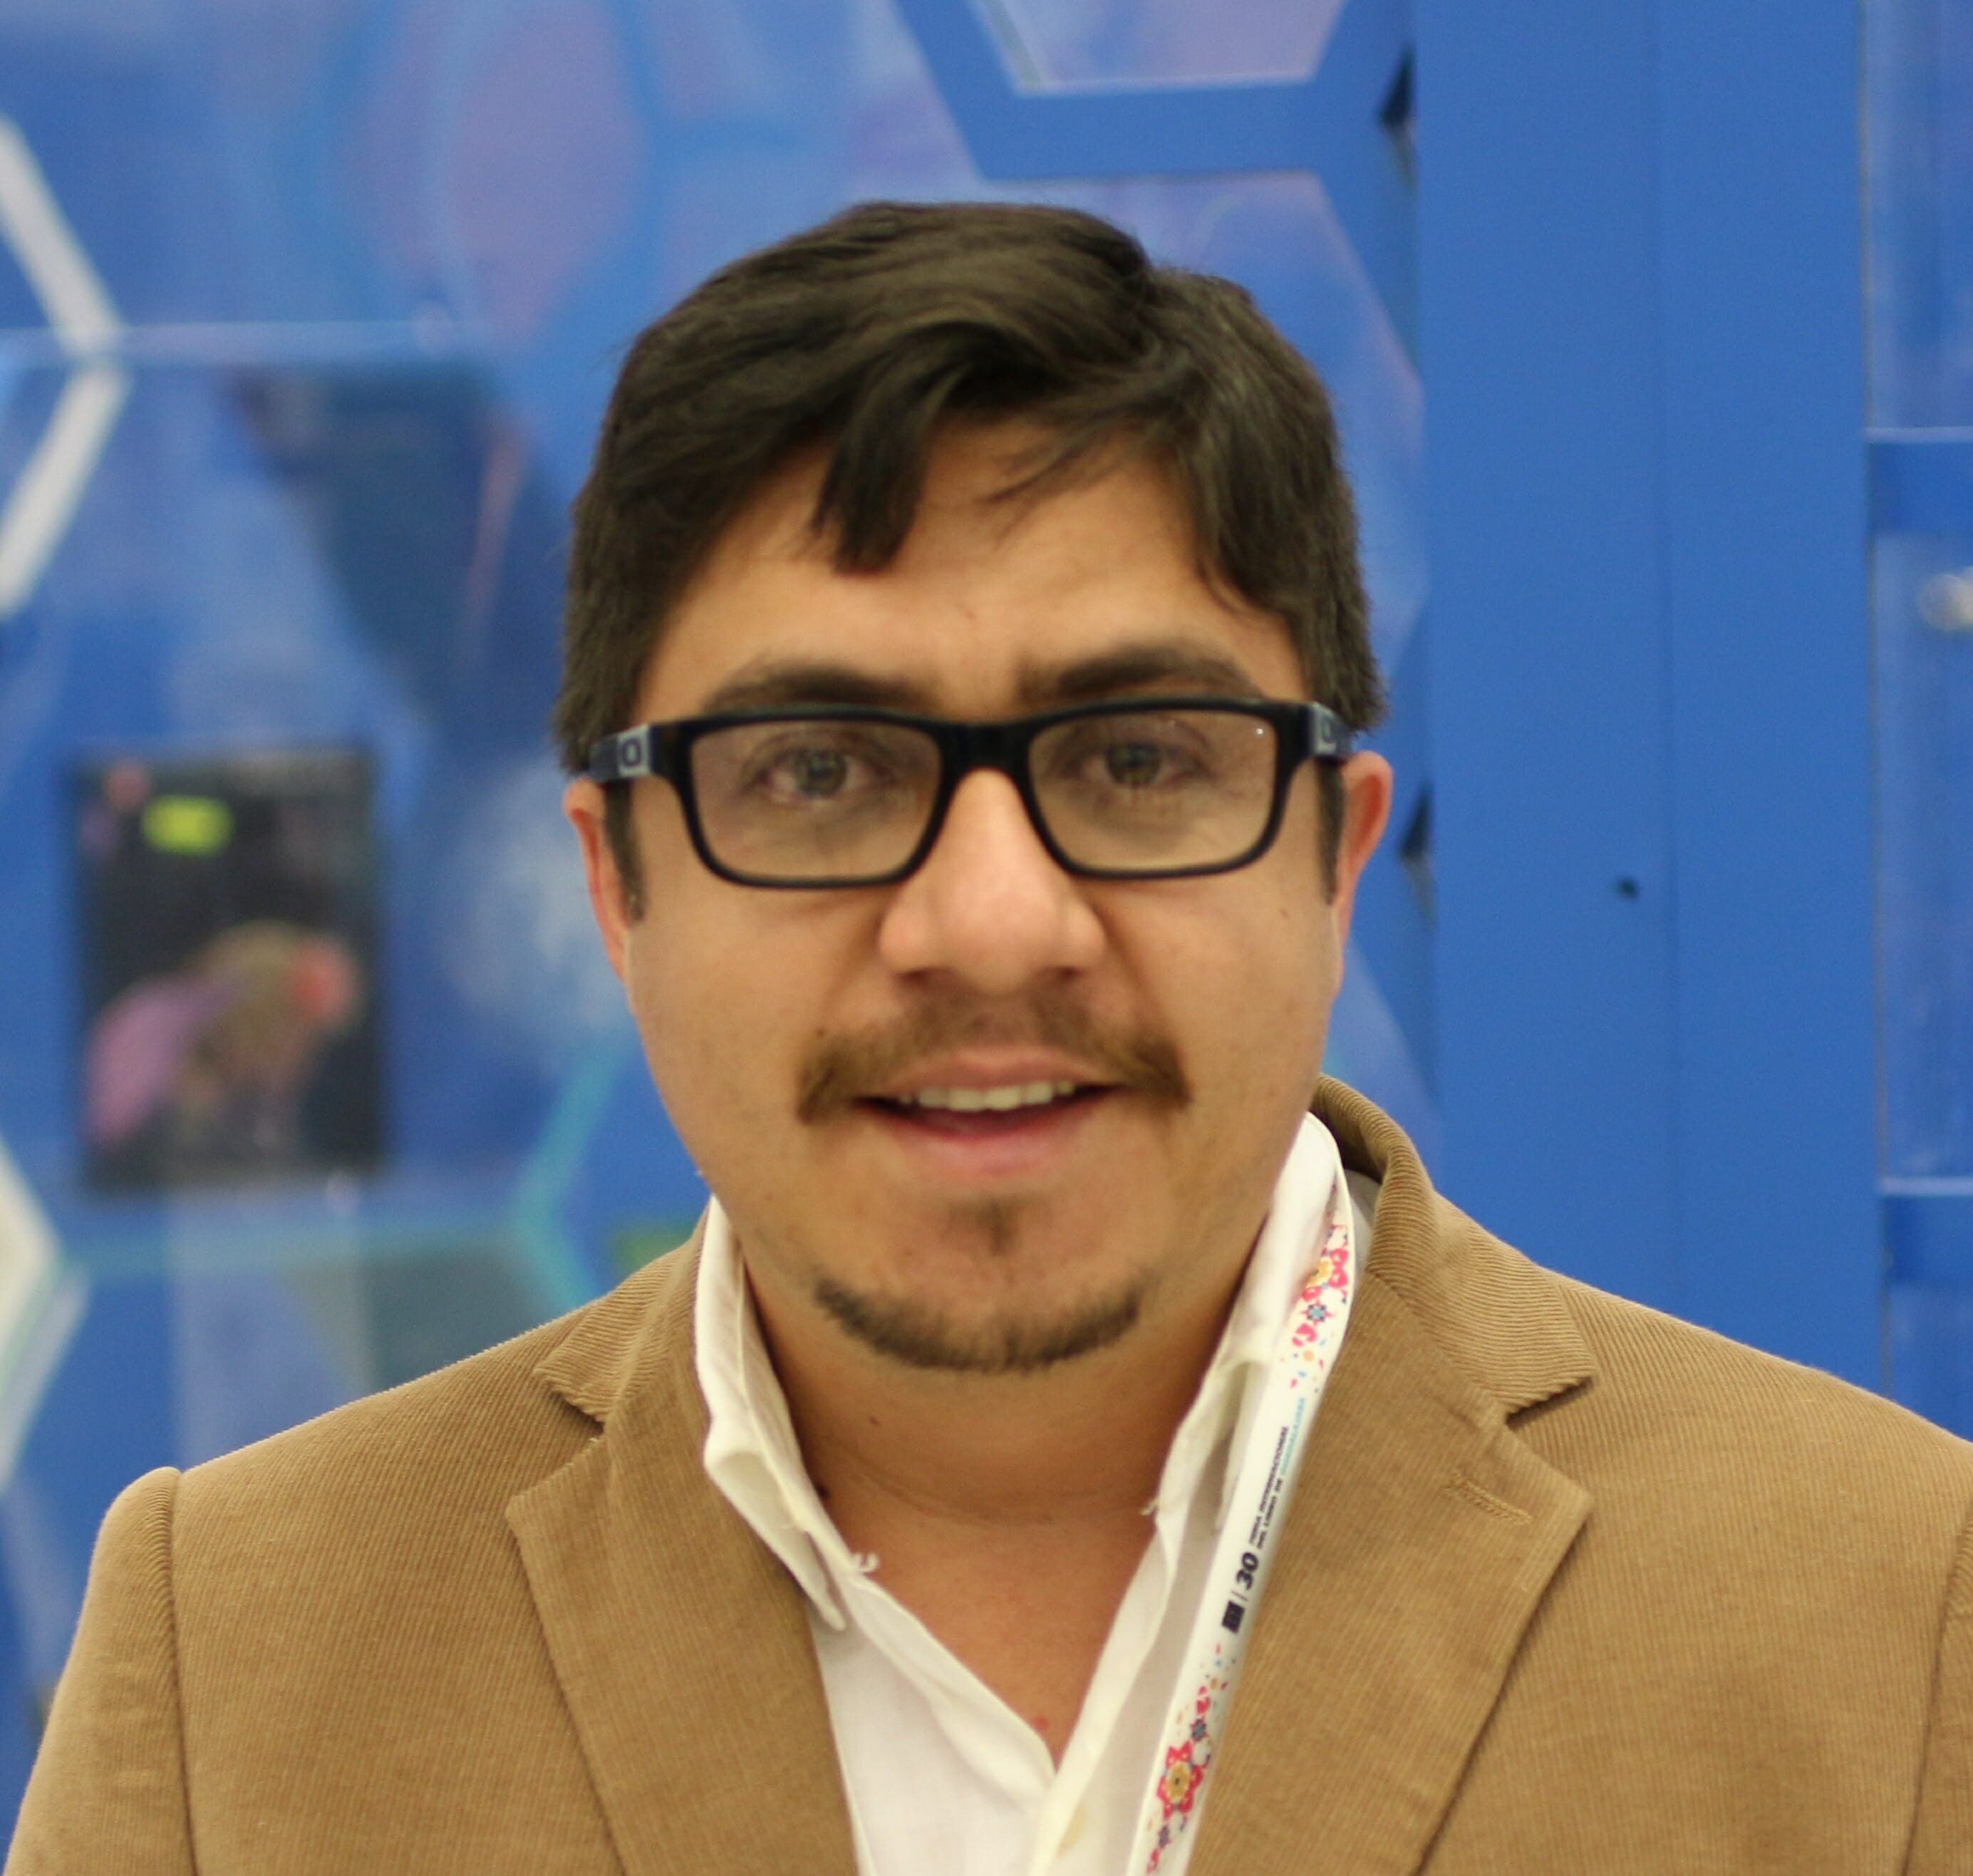 Emmanuel Bolaños Bautista